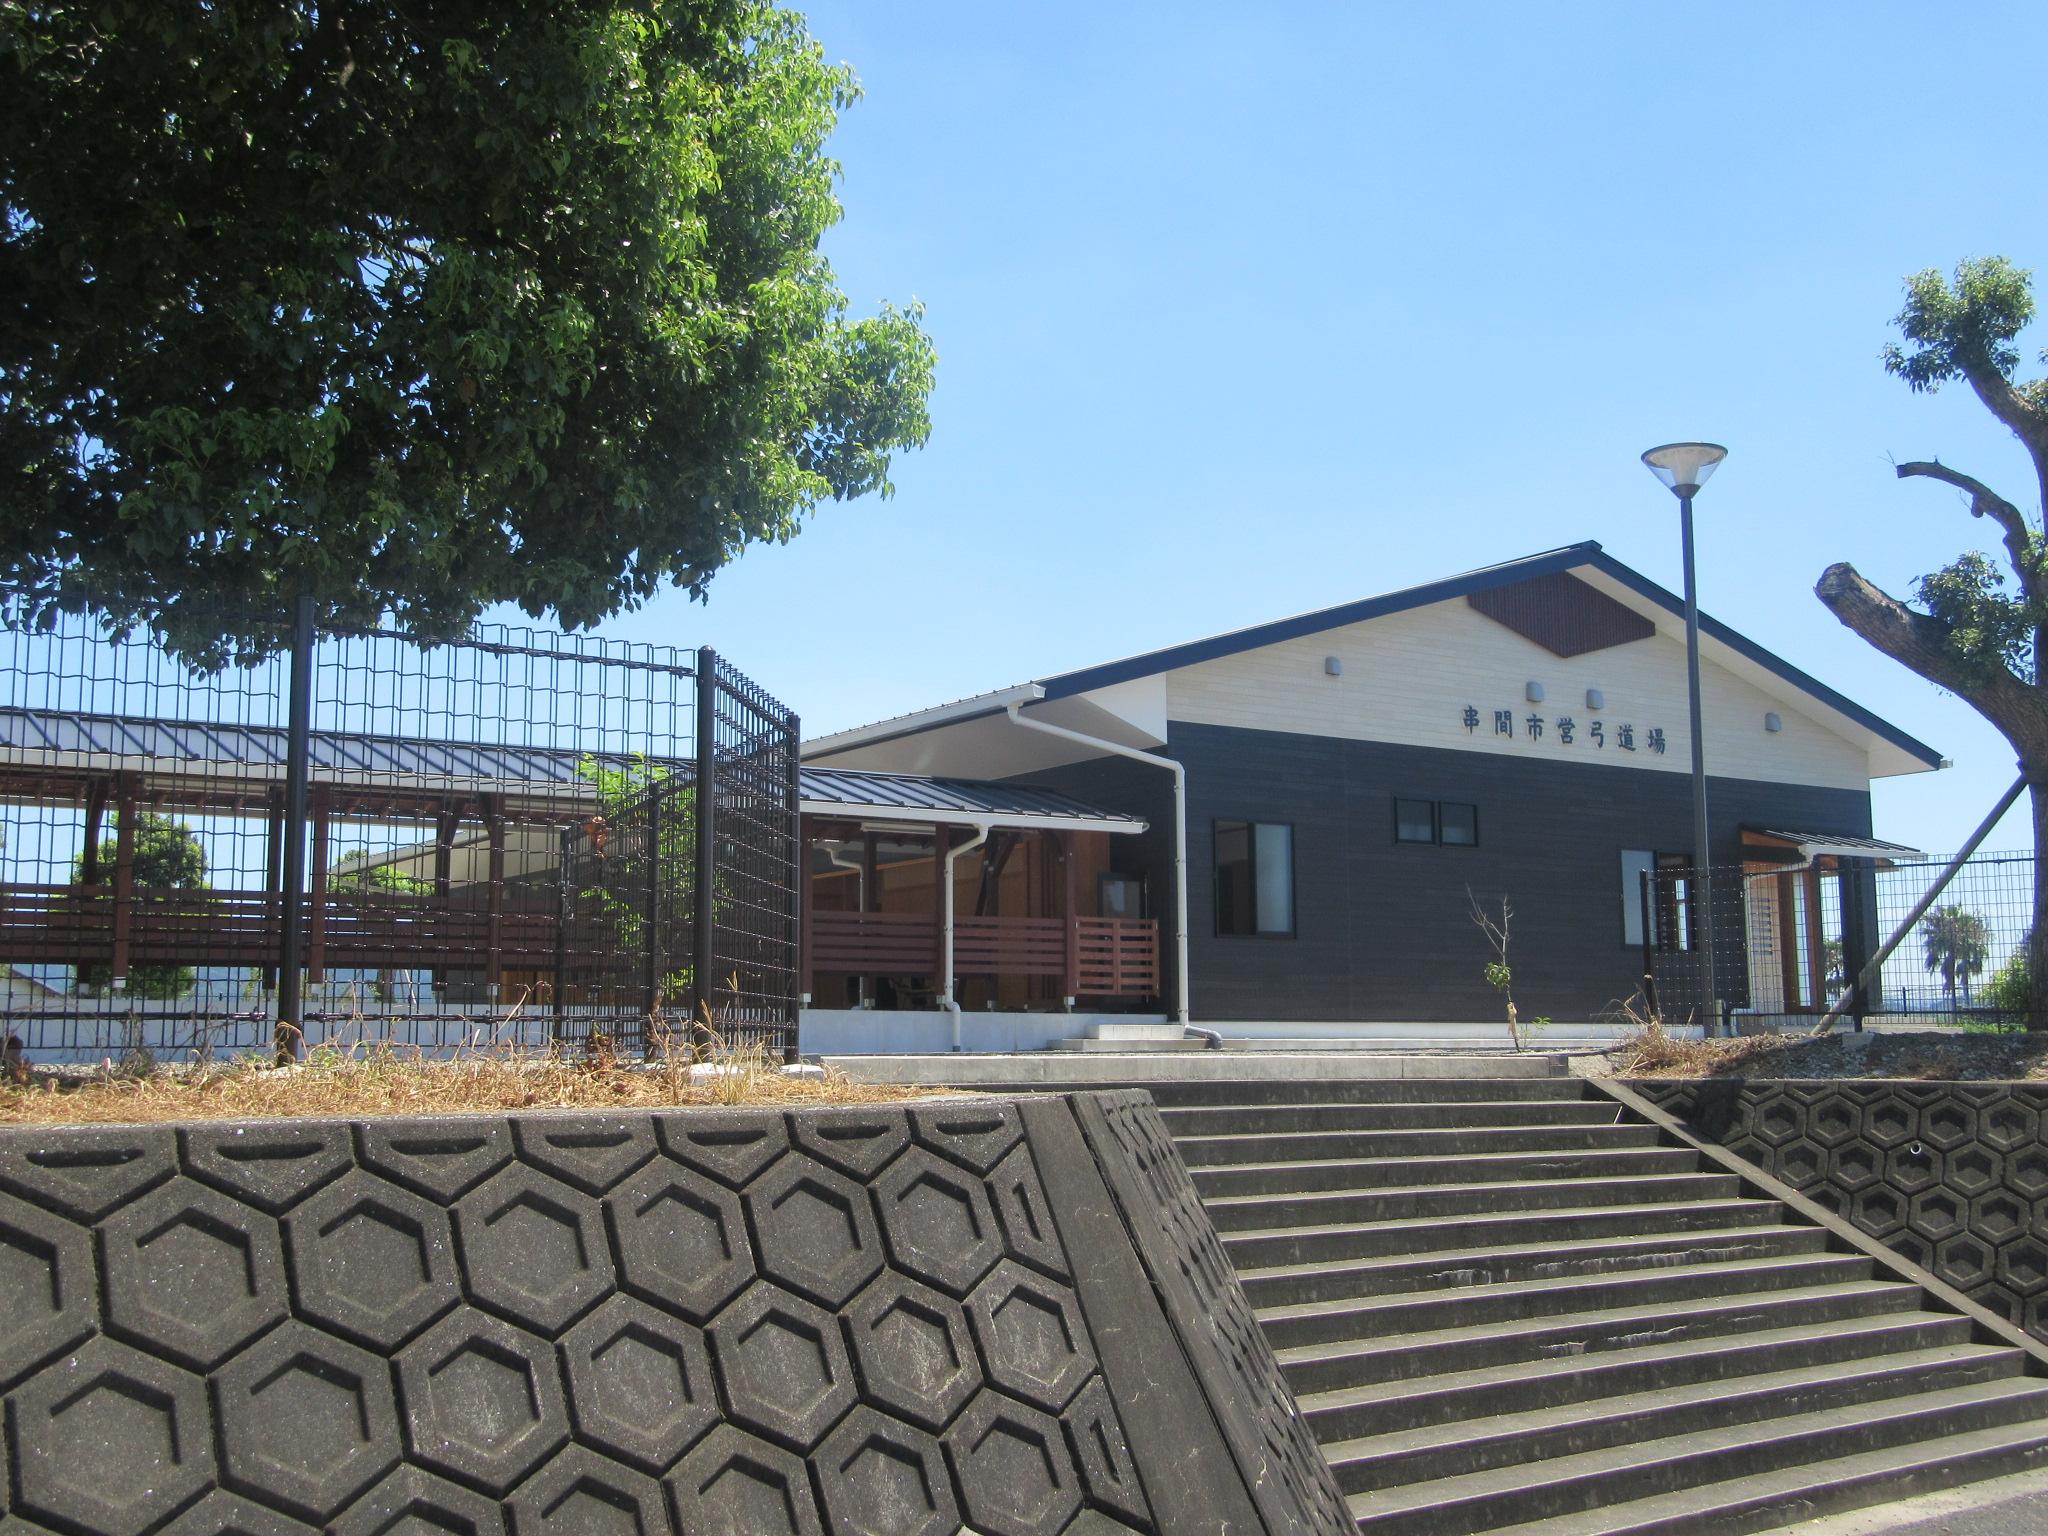 道場は串間市総合運動公園を入ってすぐにあります 野球場、球技場、体育館、プール、なんでもあります